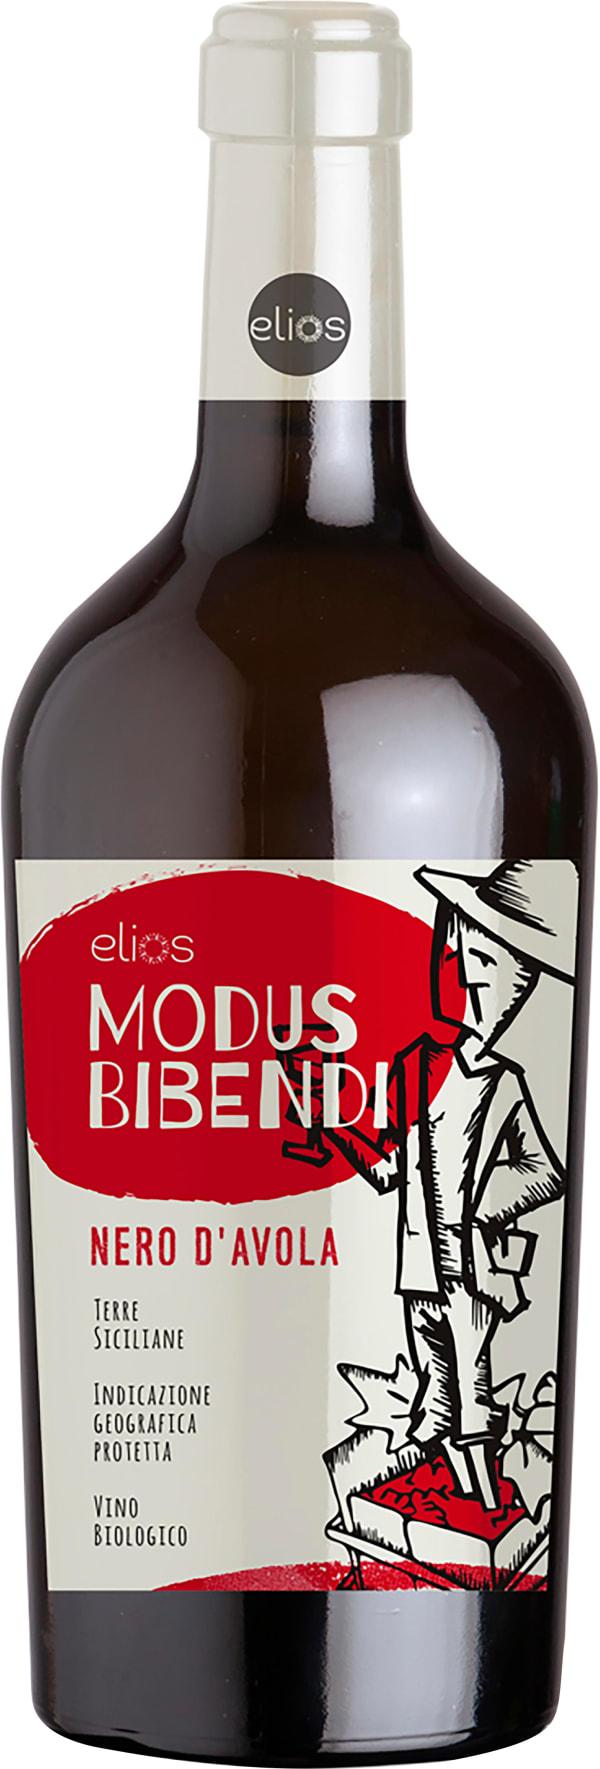 Elios Modus Bibendi Nero D'avola Biologico 2017